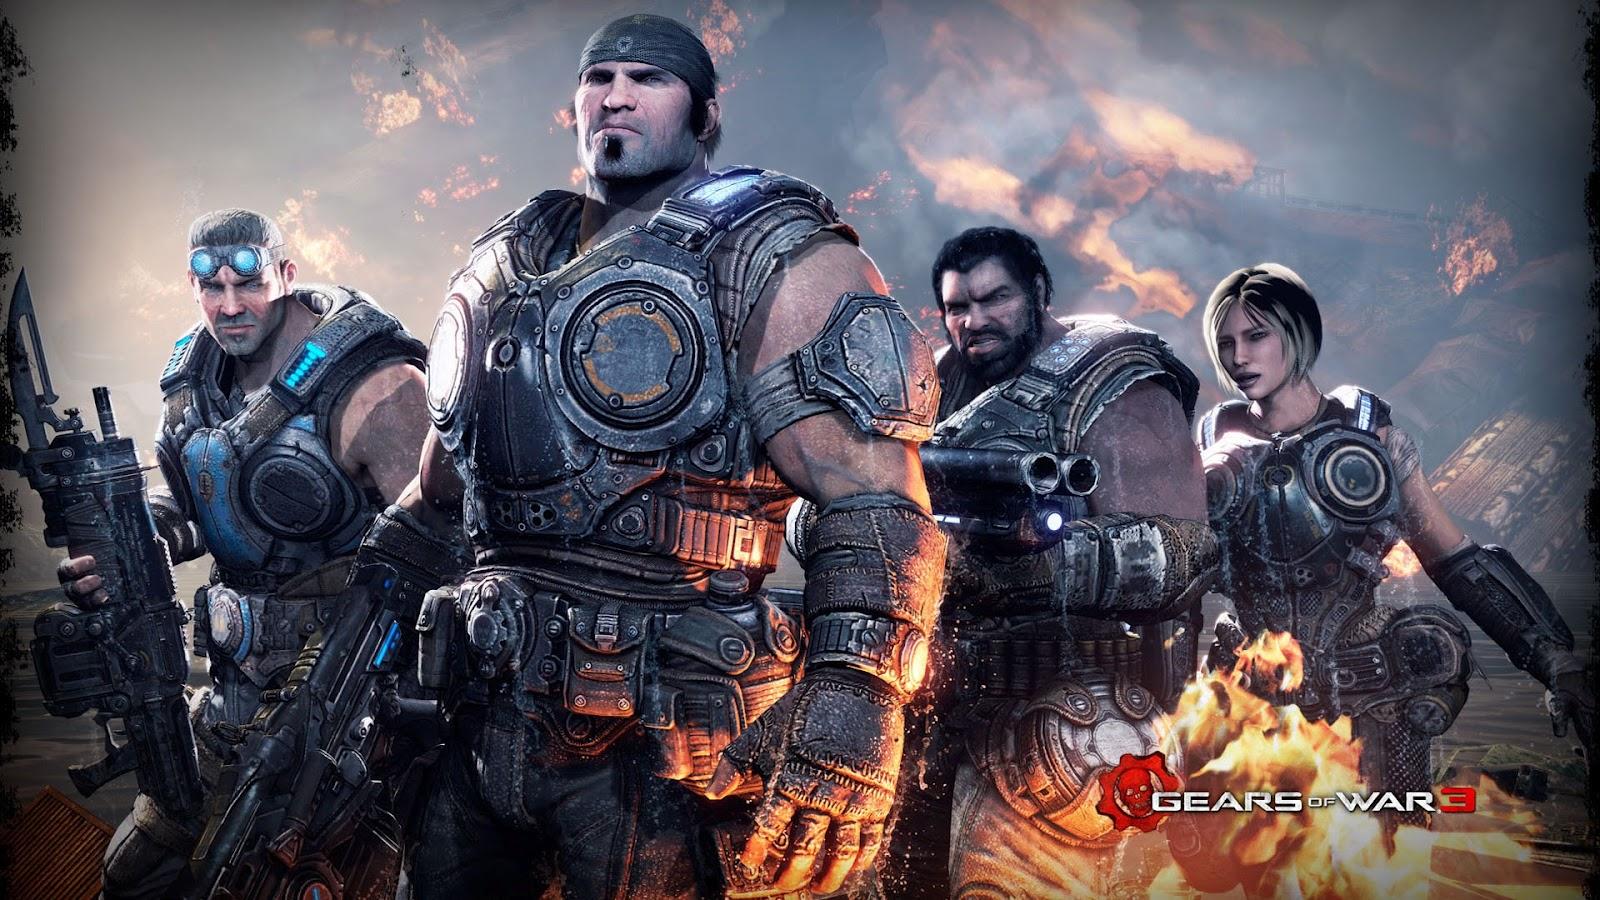 http://3.bp.blogspot.com/-62Cmvg3fMoo/UBVmNFeUniI/AAAAAAAAFYI/kioJKHTLNww/s1600/gear+of+war+3+wallpaper+2.jpg